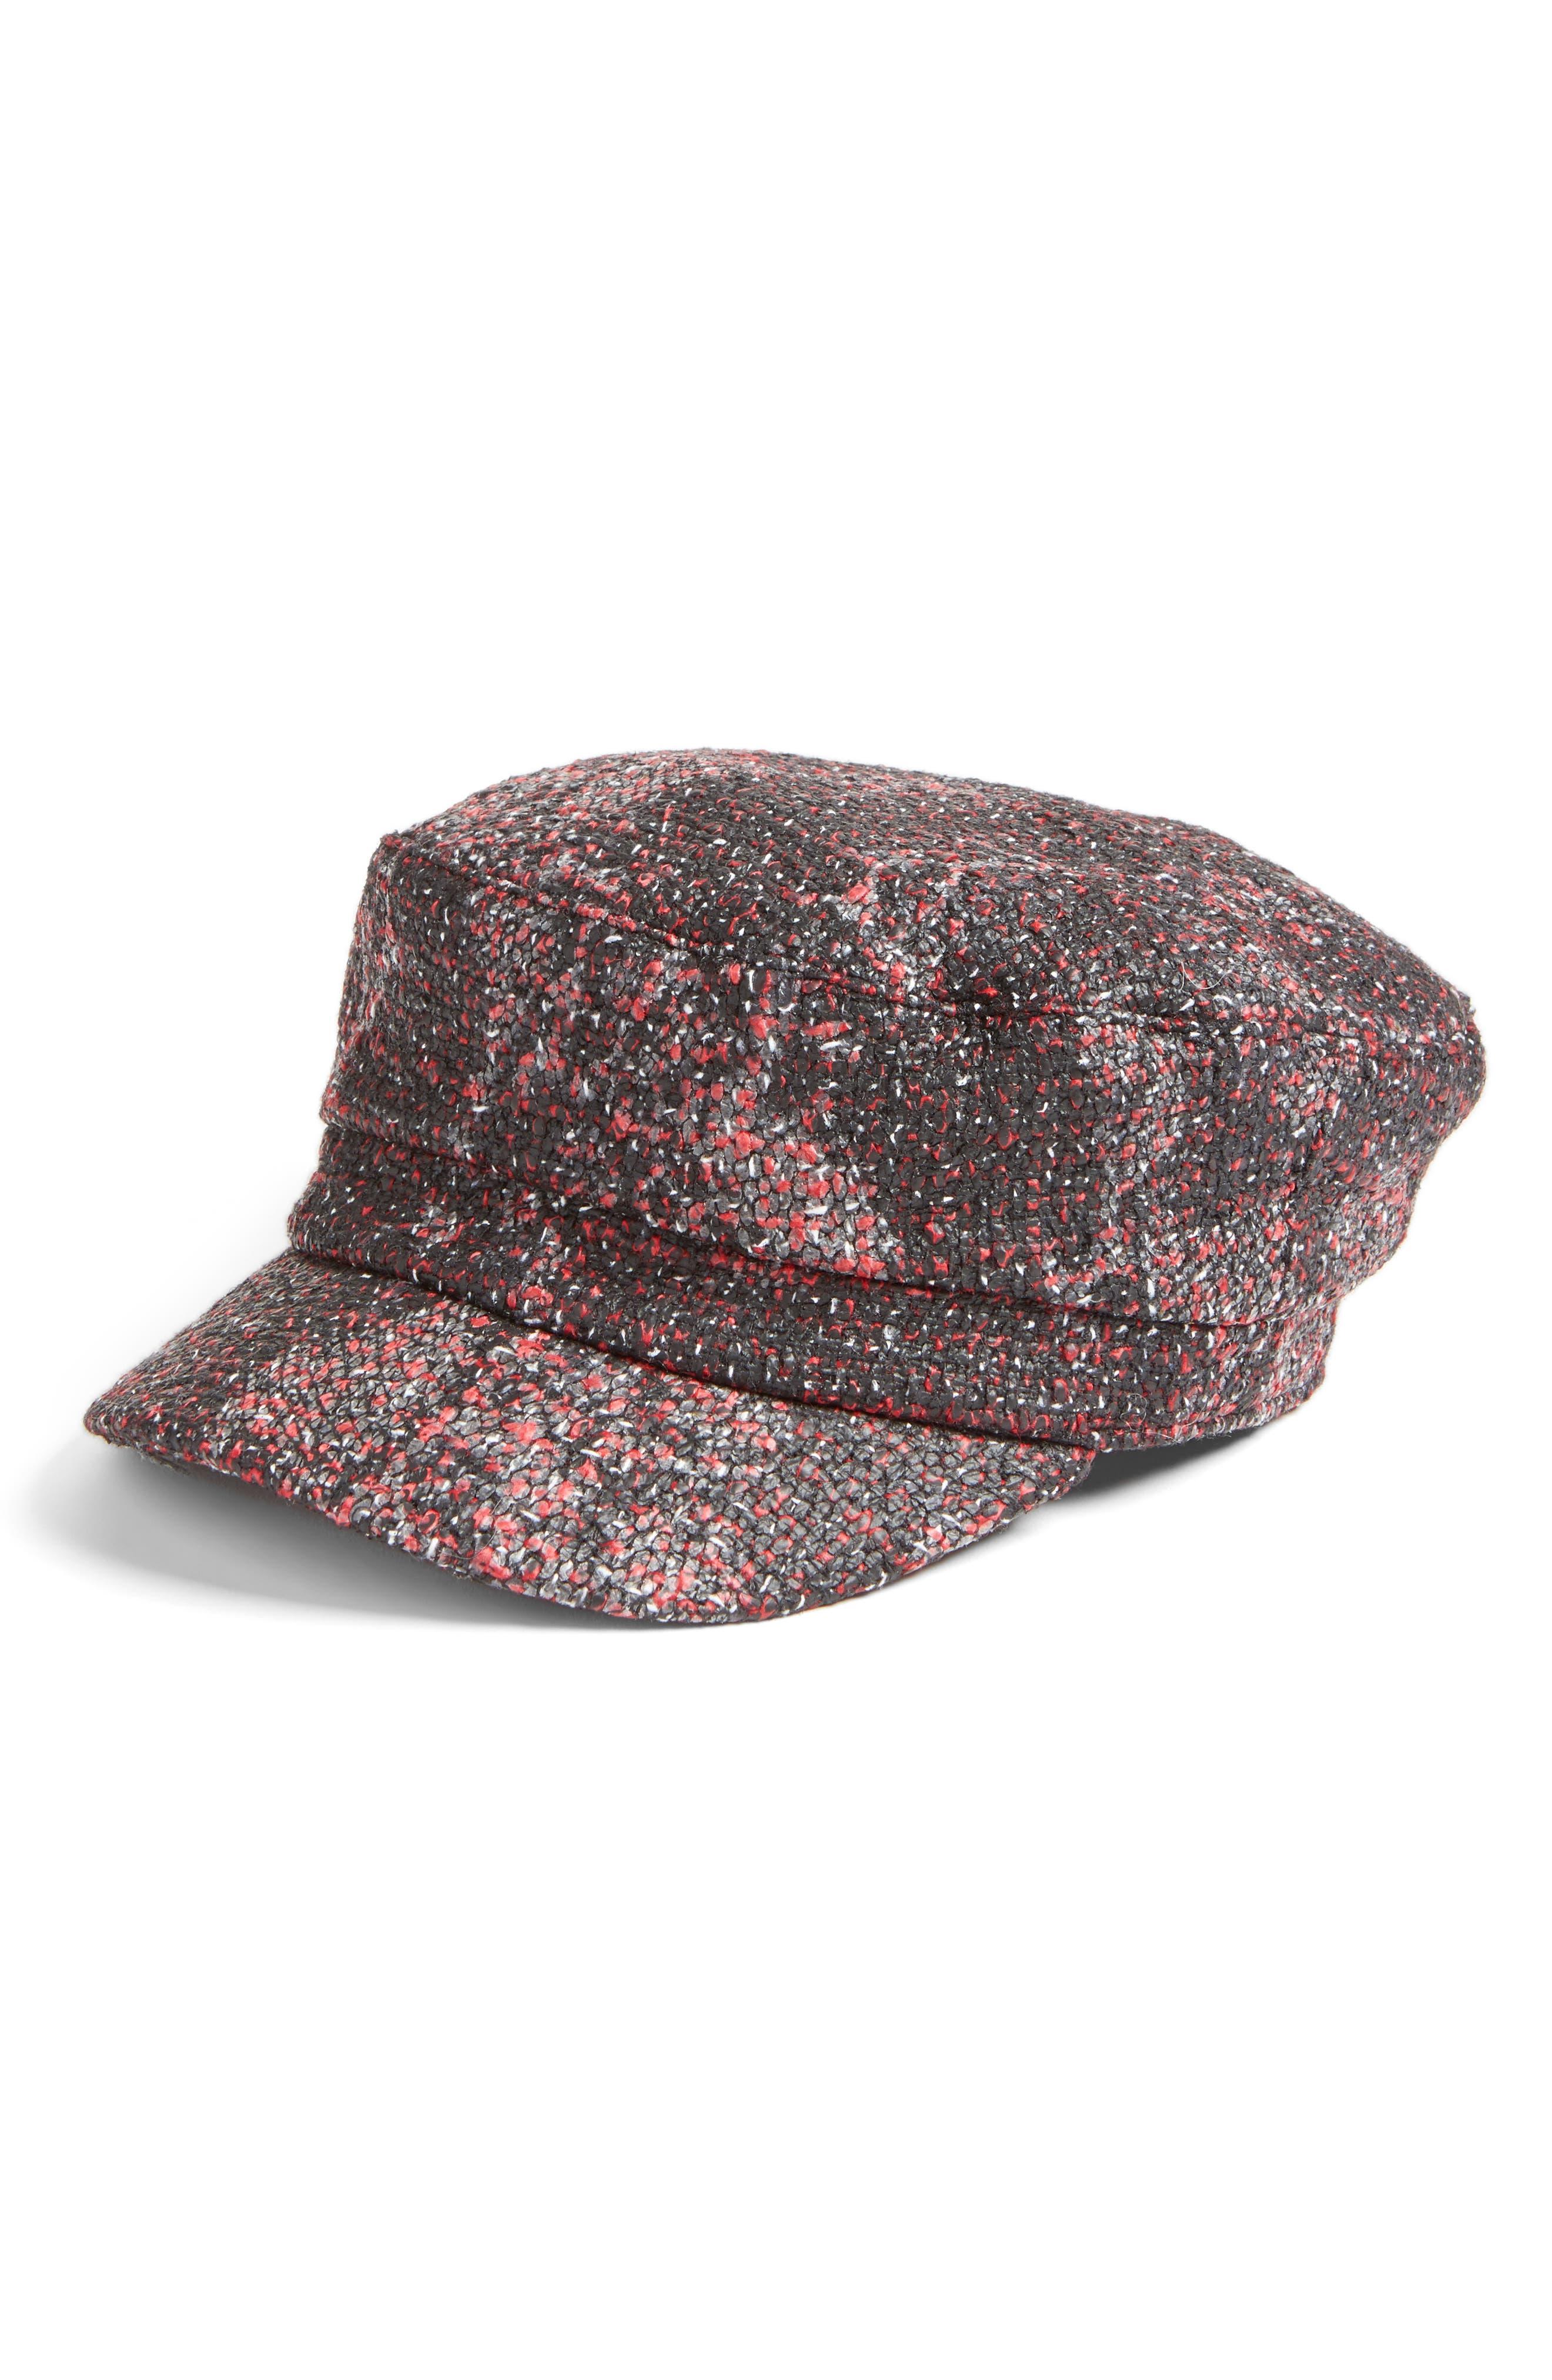 August Hat Coated Bouclé Lieutenant Cap